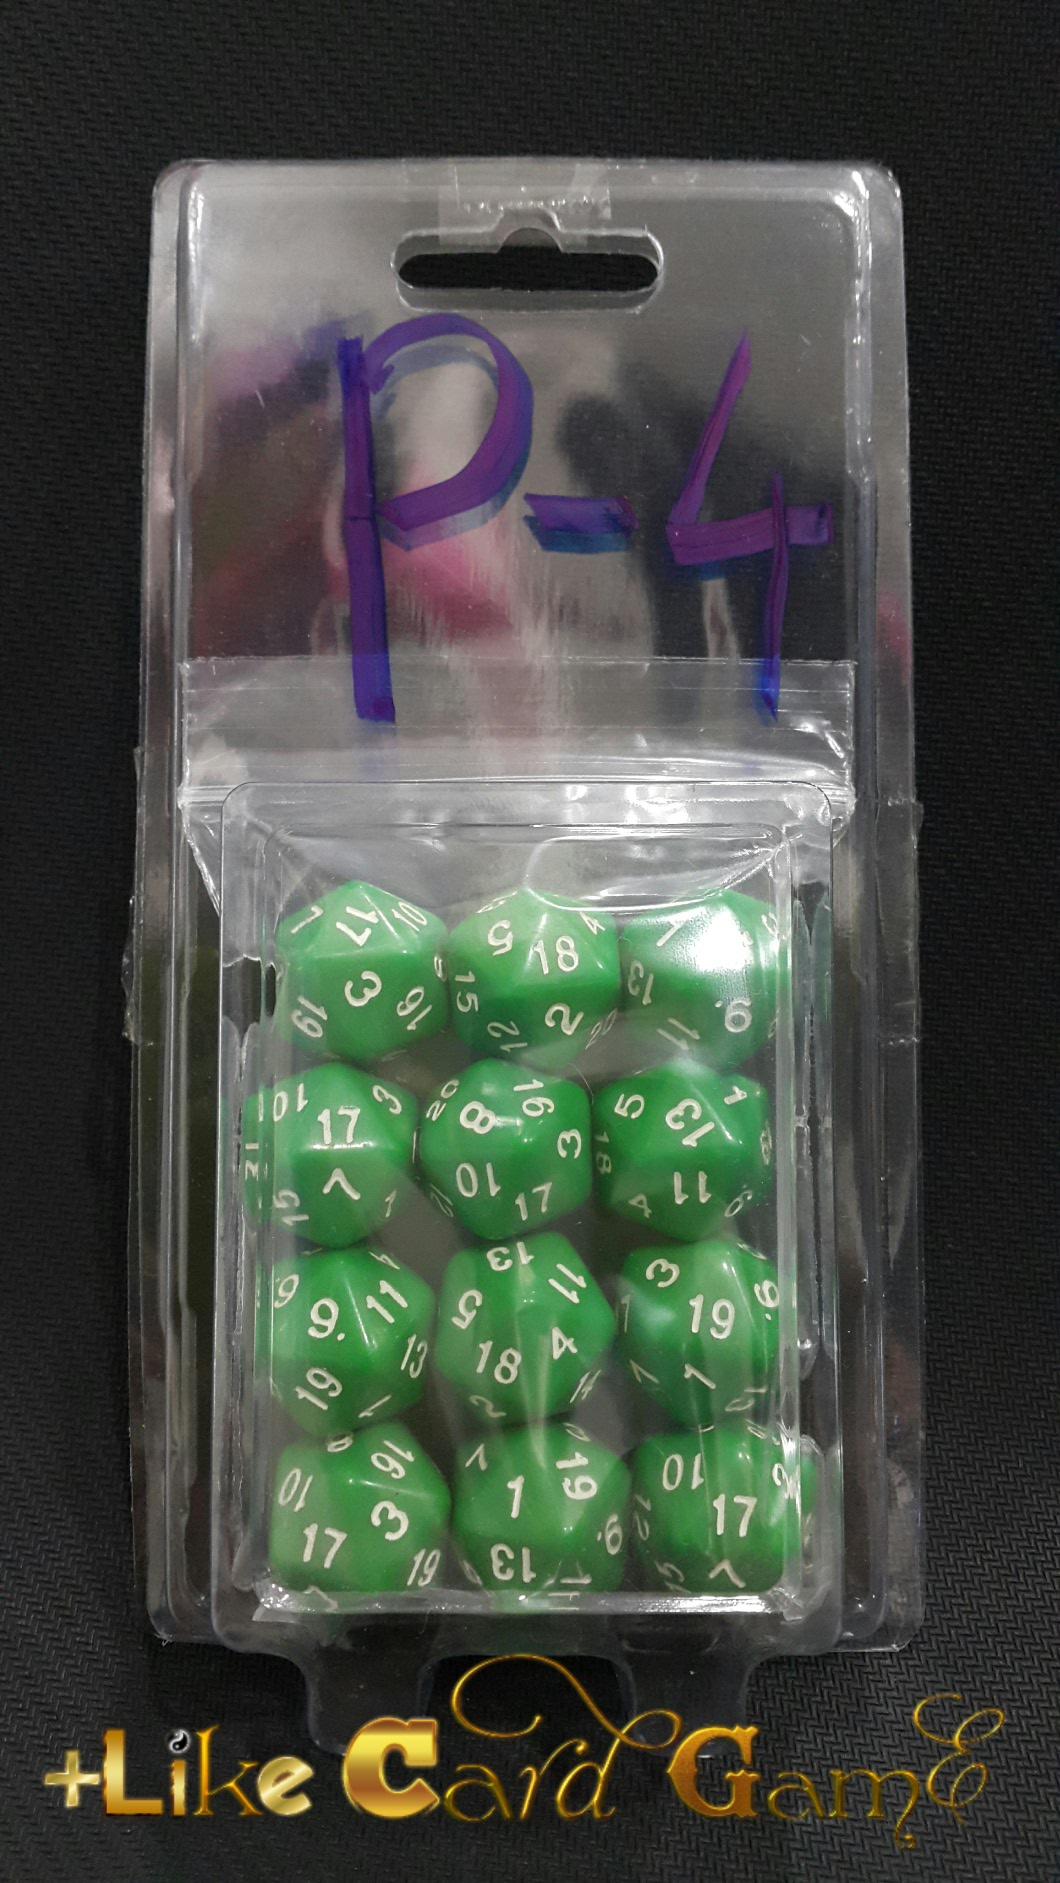 ลูกเต๋า 20 หน้า 3 ลูก (สีเขียวด้าน) P-4